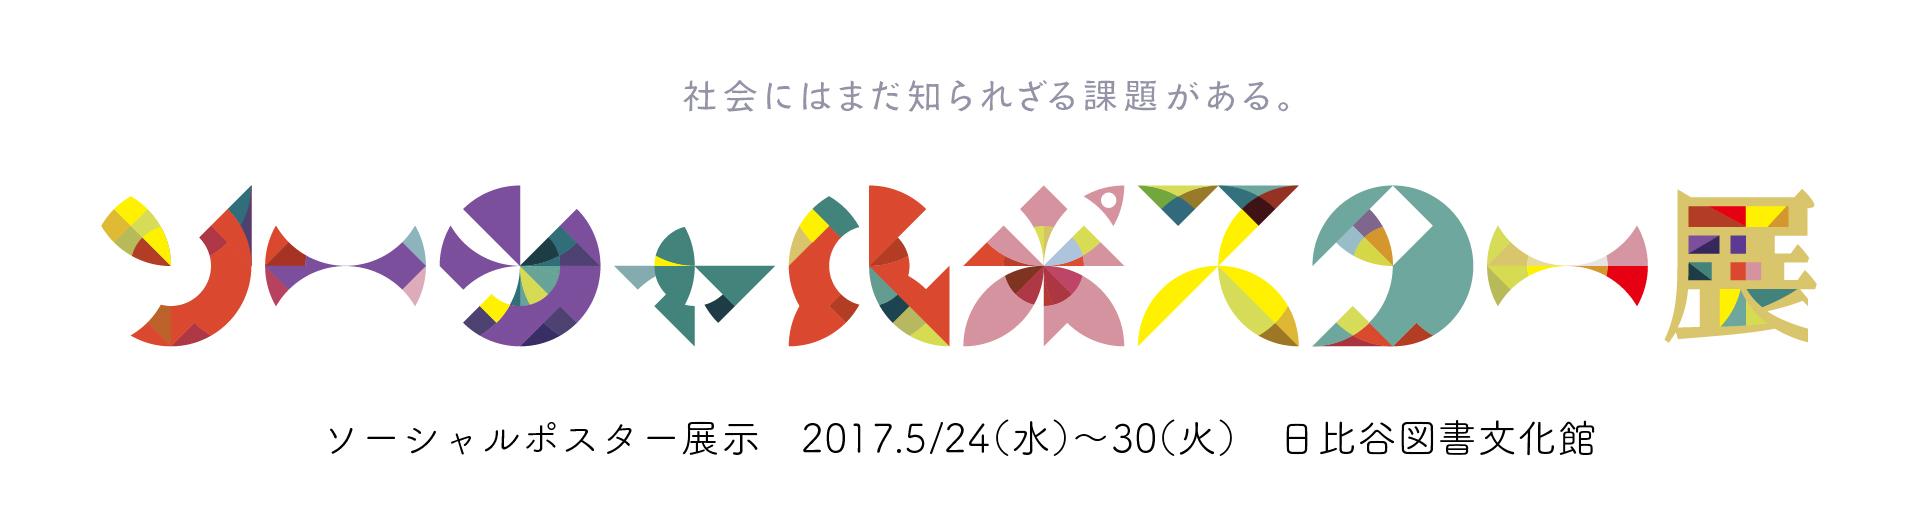 ソーシャルポスター展